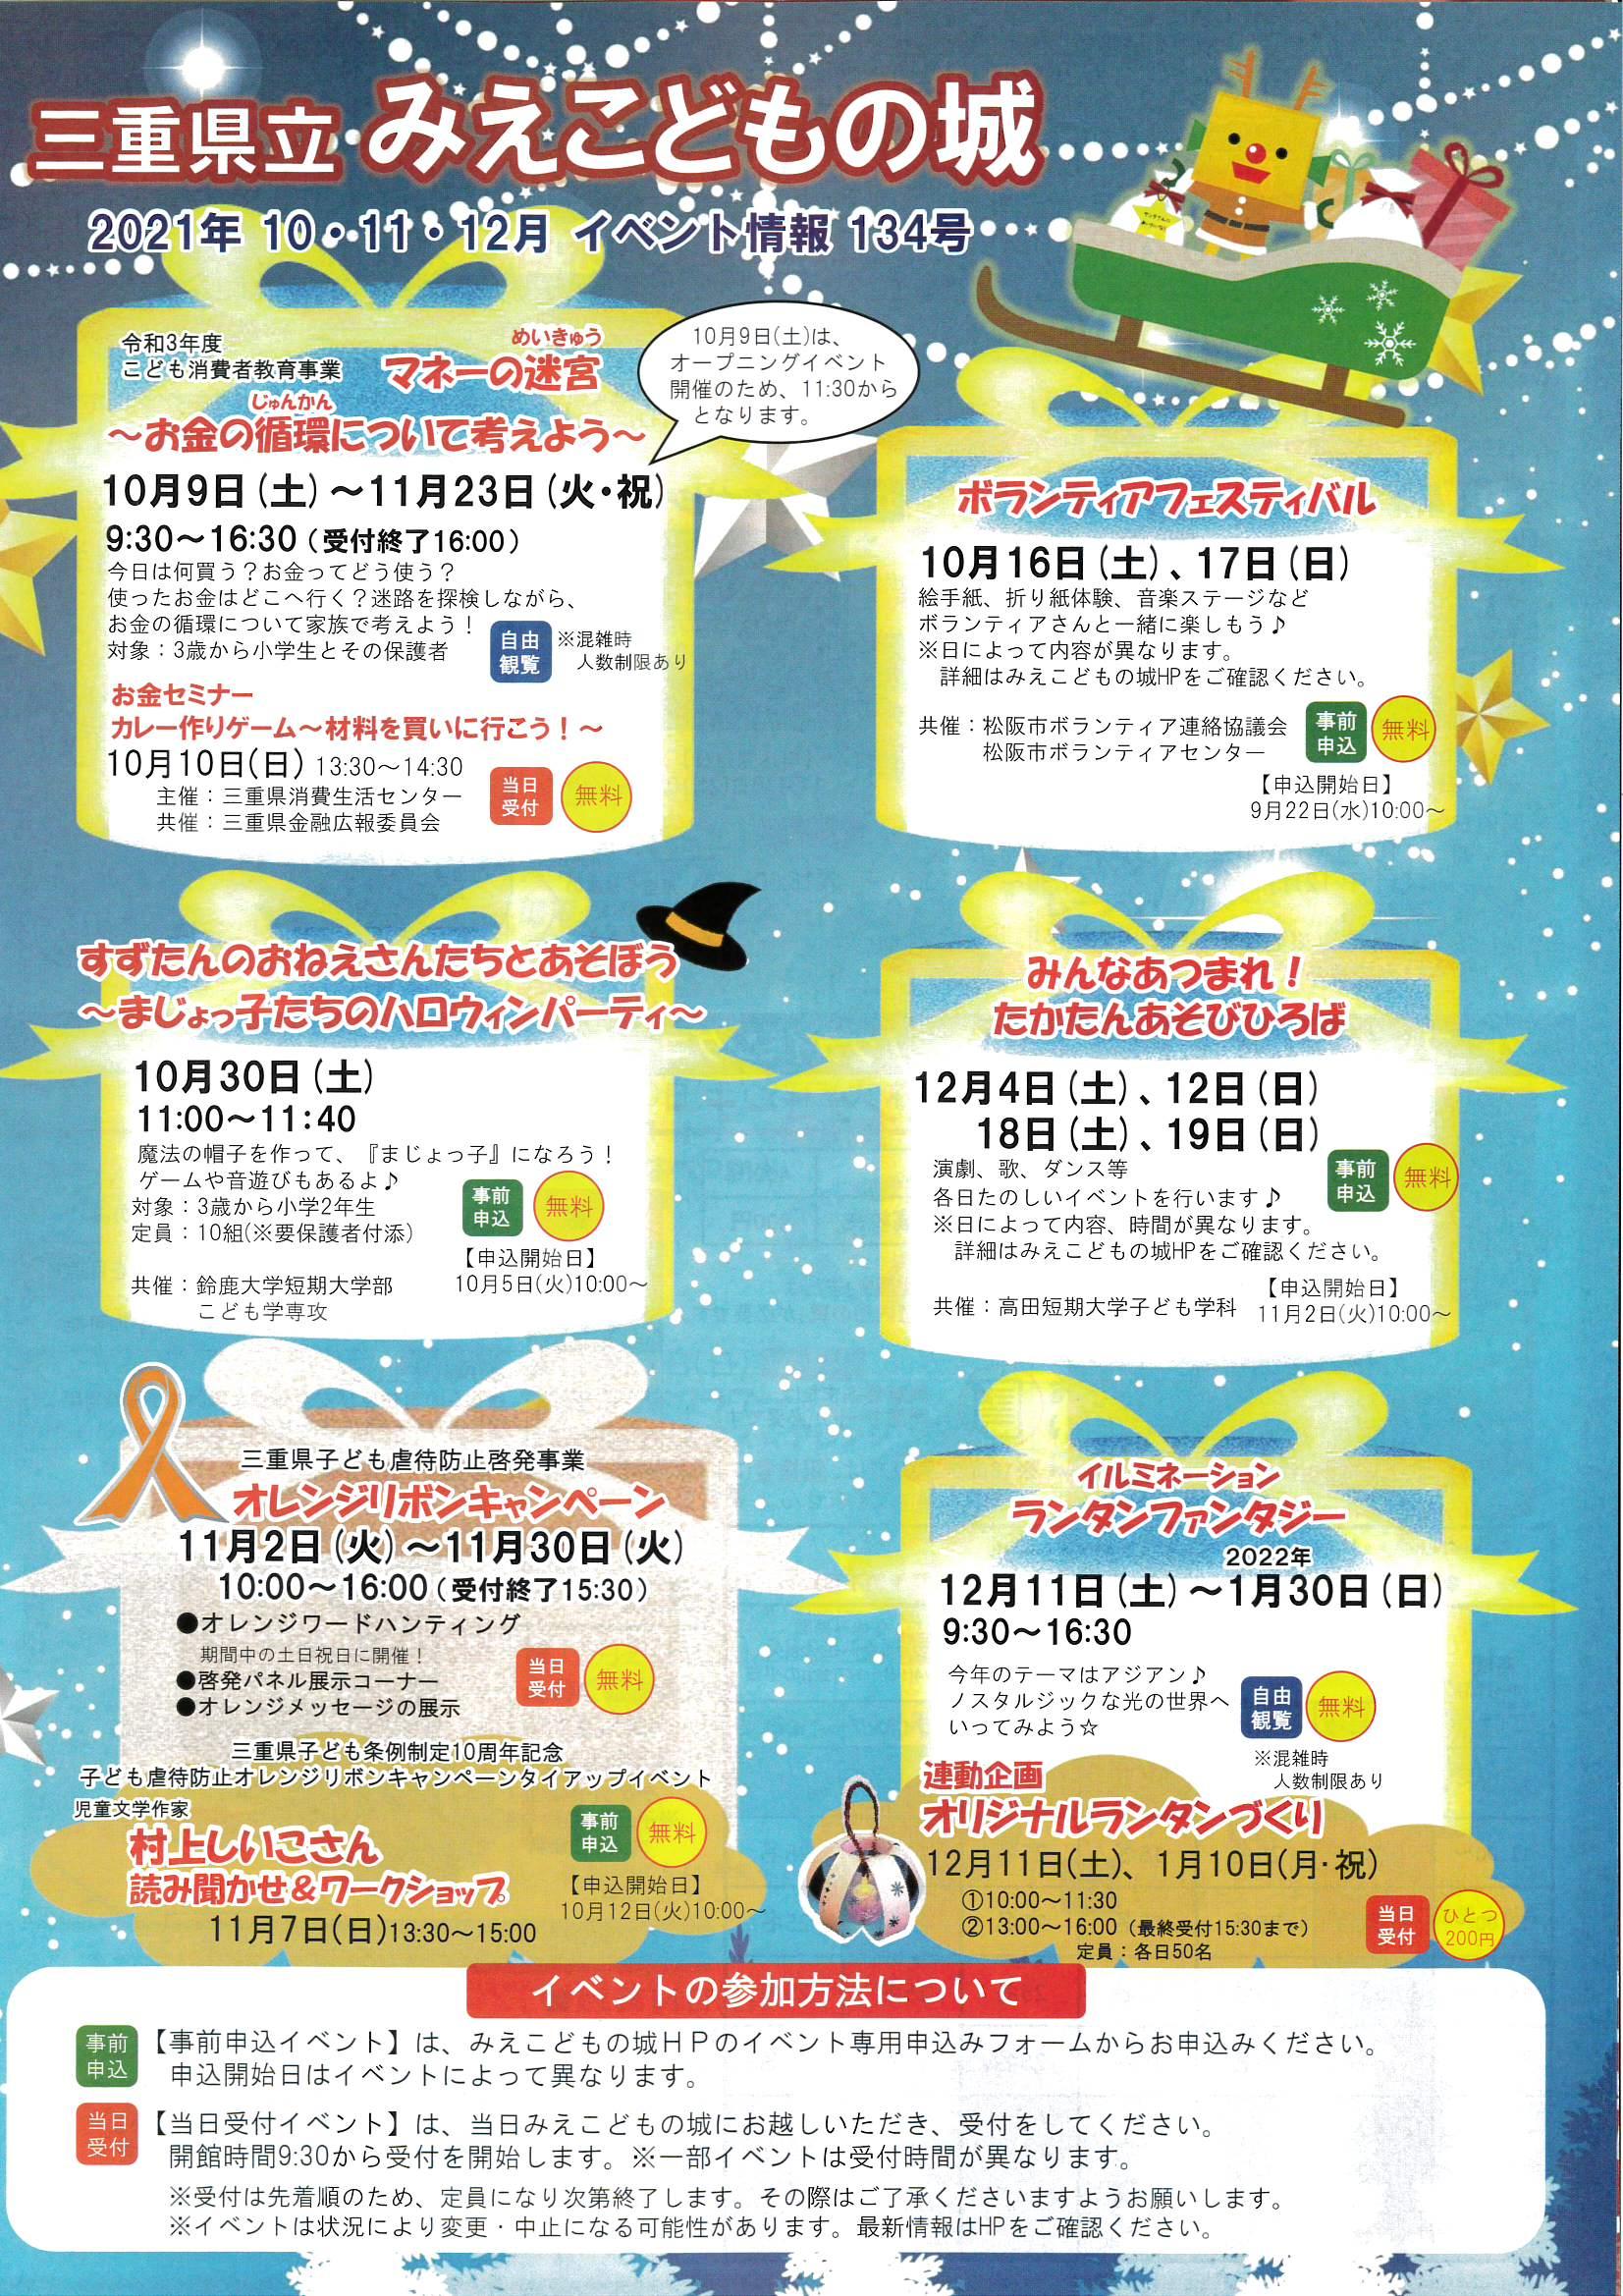 三重県立みえこどもの城 2021年10・11・12月イベント情報